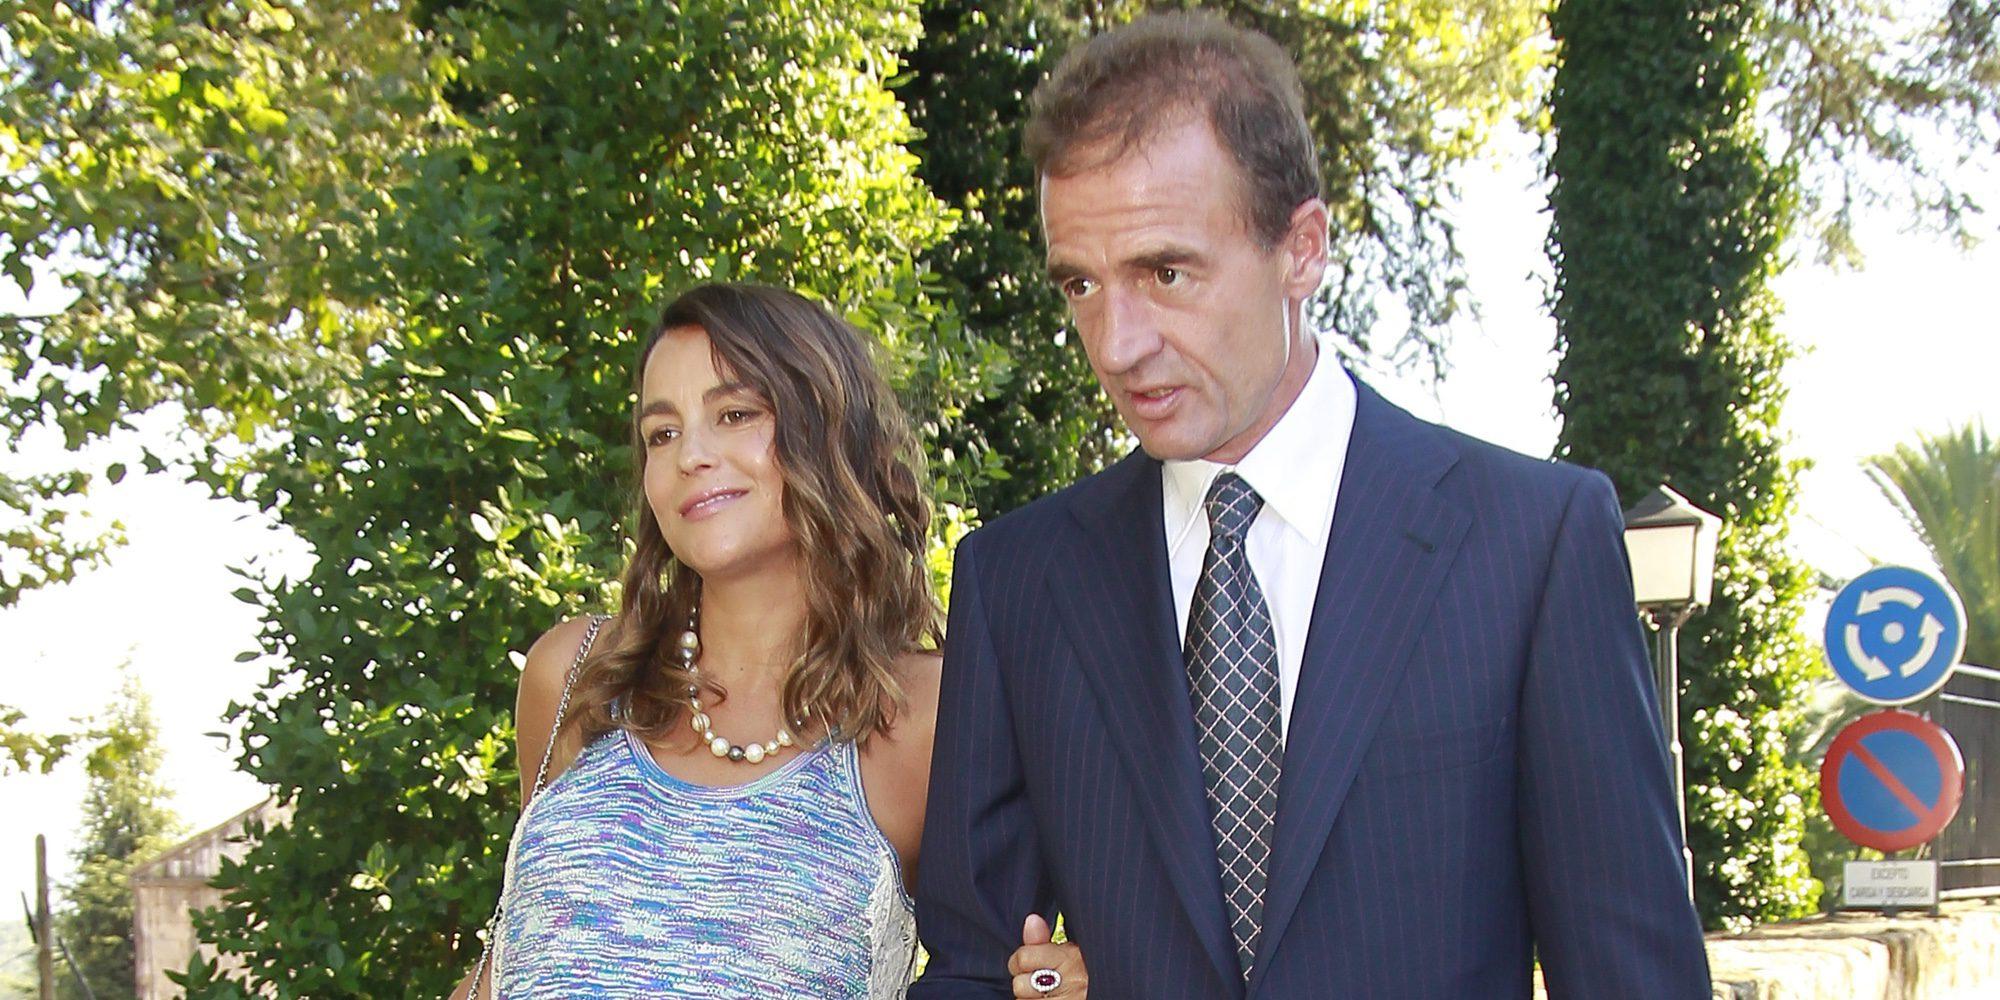 Alessandro Lequio y María Palacios se convierten en padres de una niña llamada Ginevra Ena